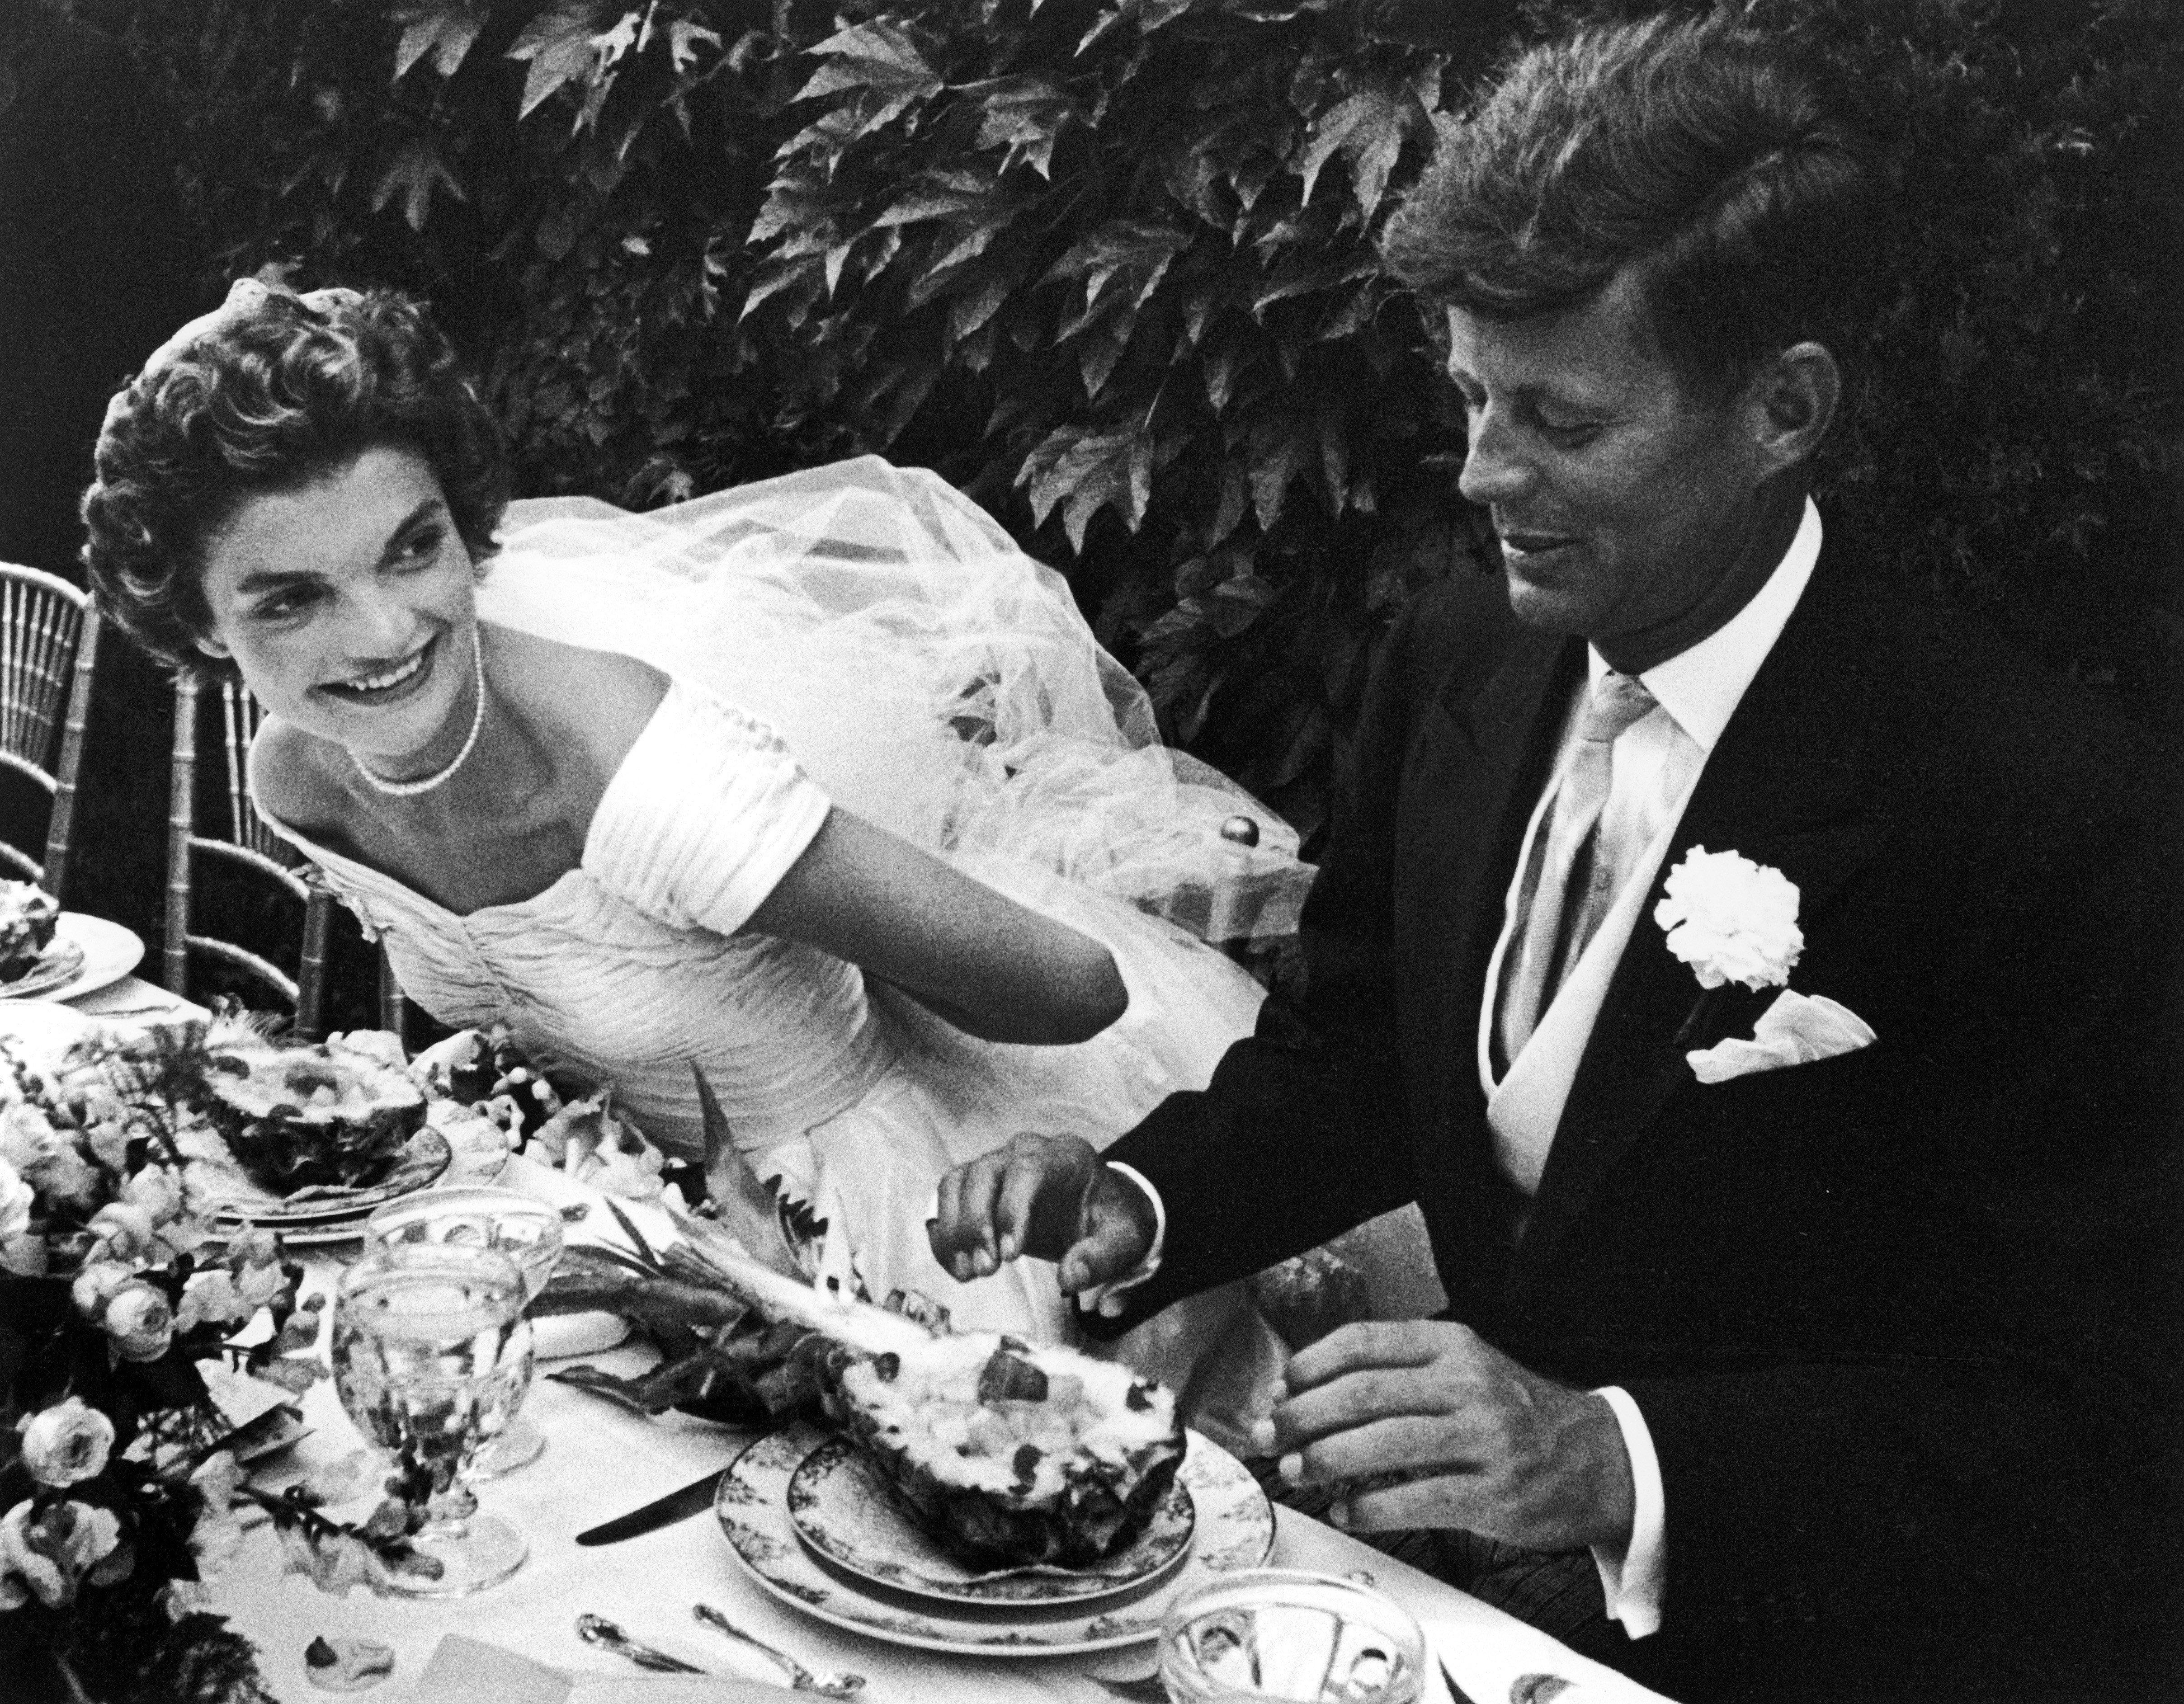 25 fotos deslumbrantes do casamento de John F. Kennedy e Jackie